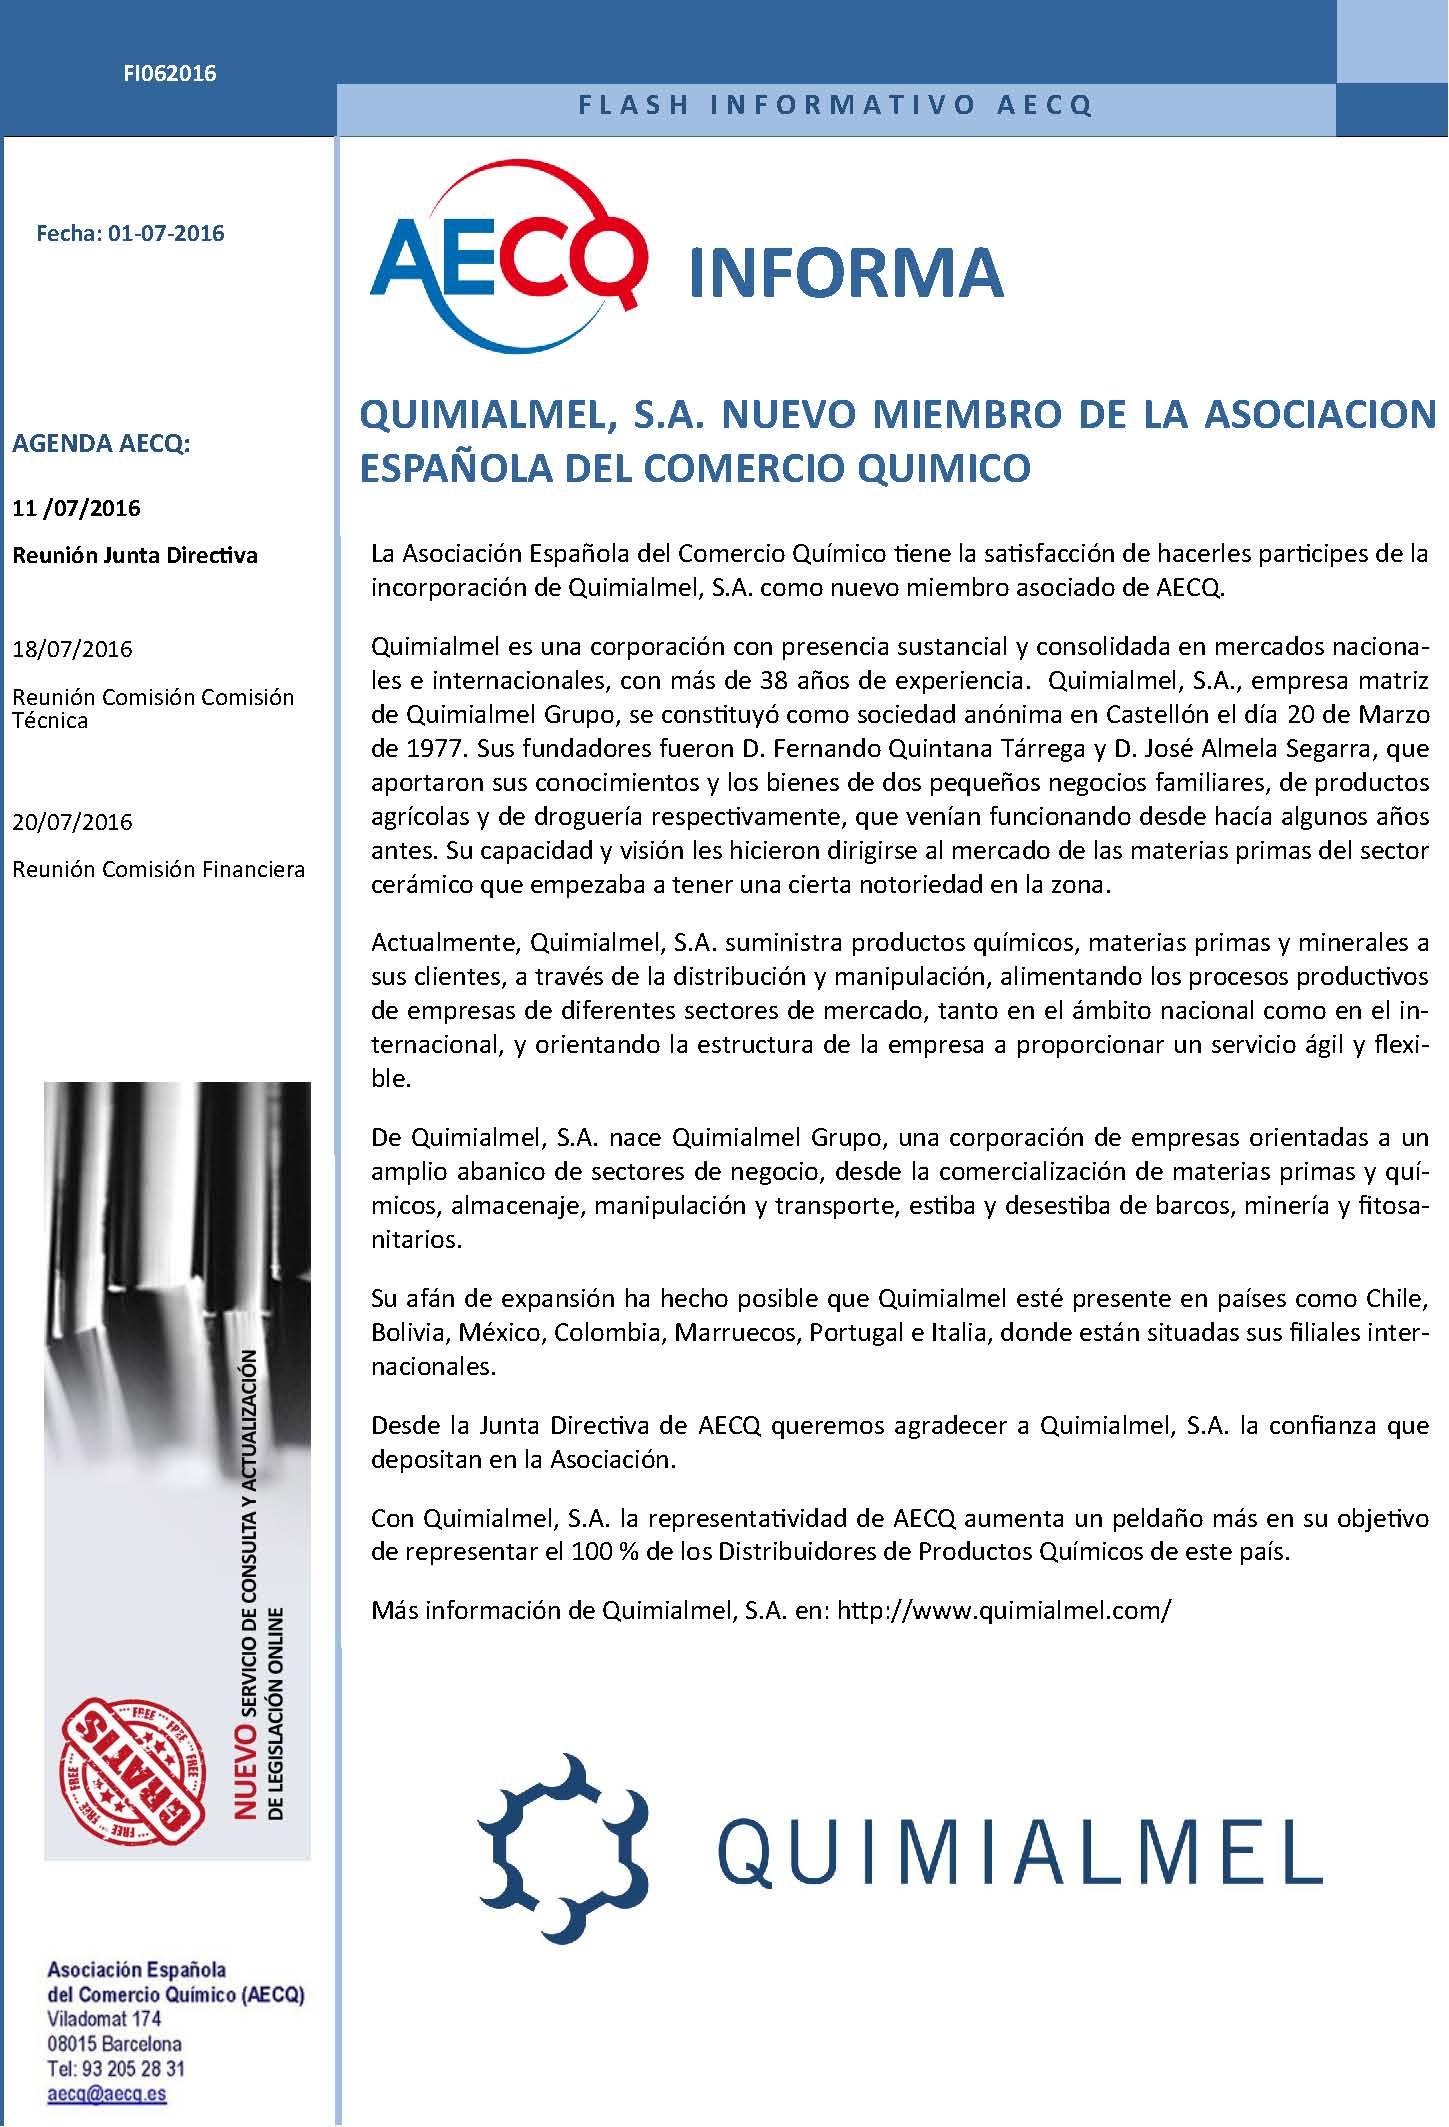 FLASH_INFORMATIVO_AECQ_FI062016_QUIMIALMEL_NUEVO MIEMBRO AECQ